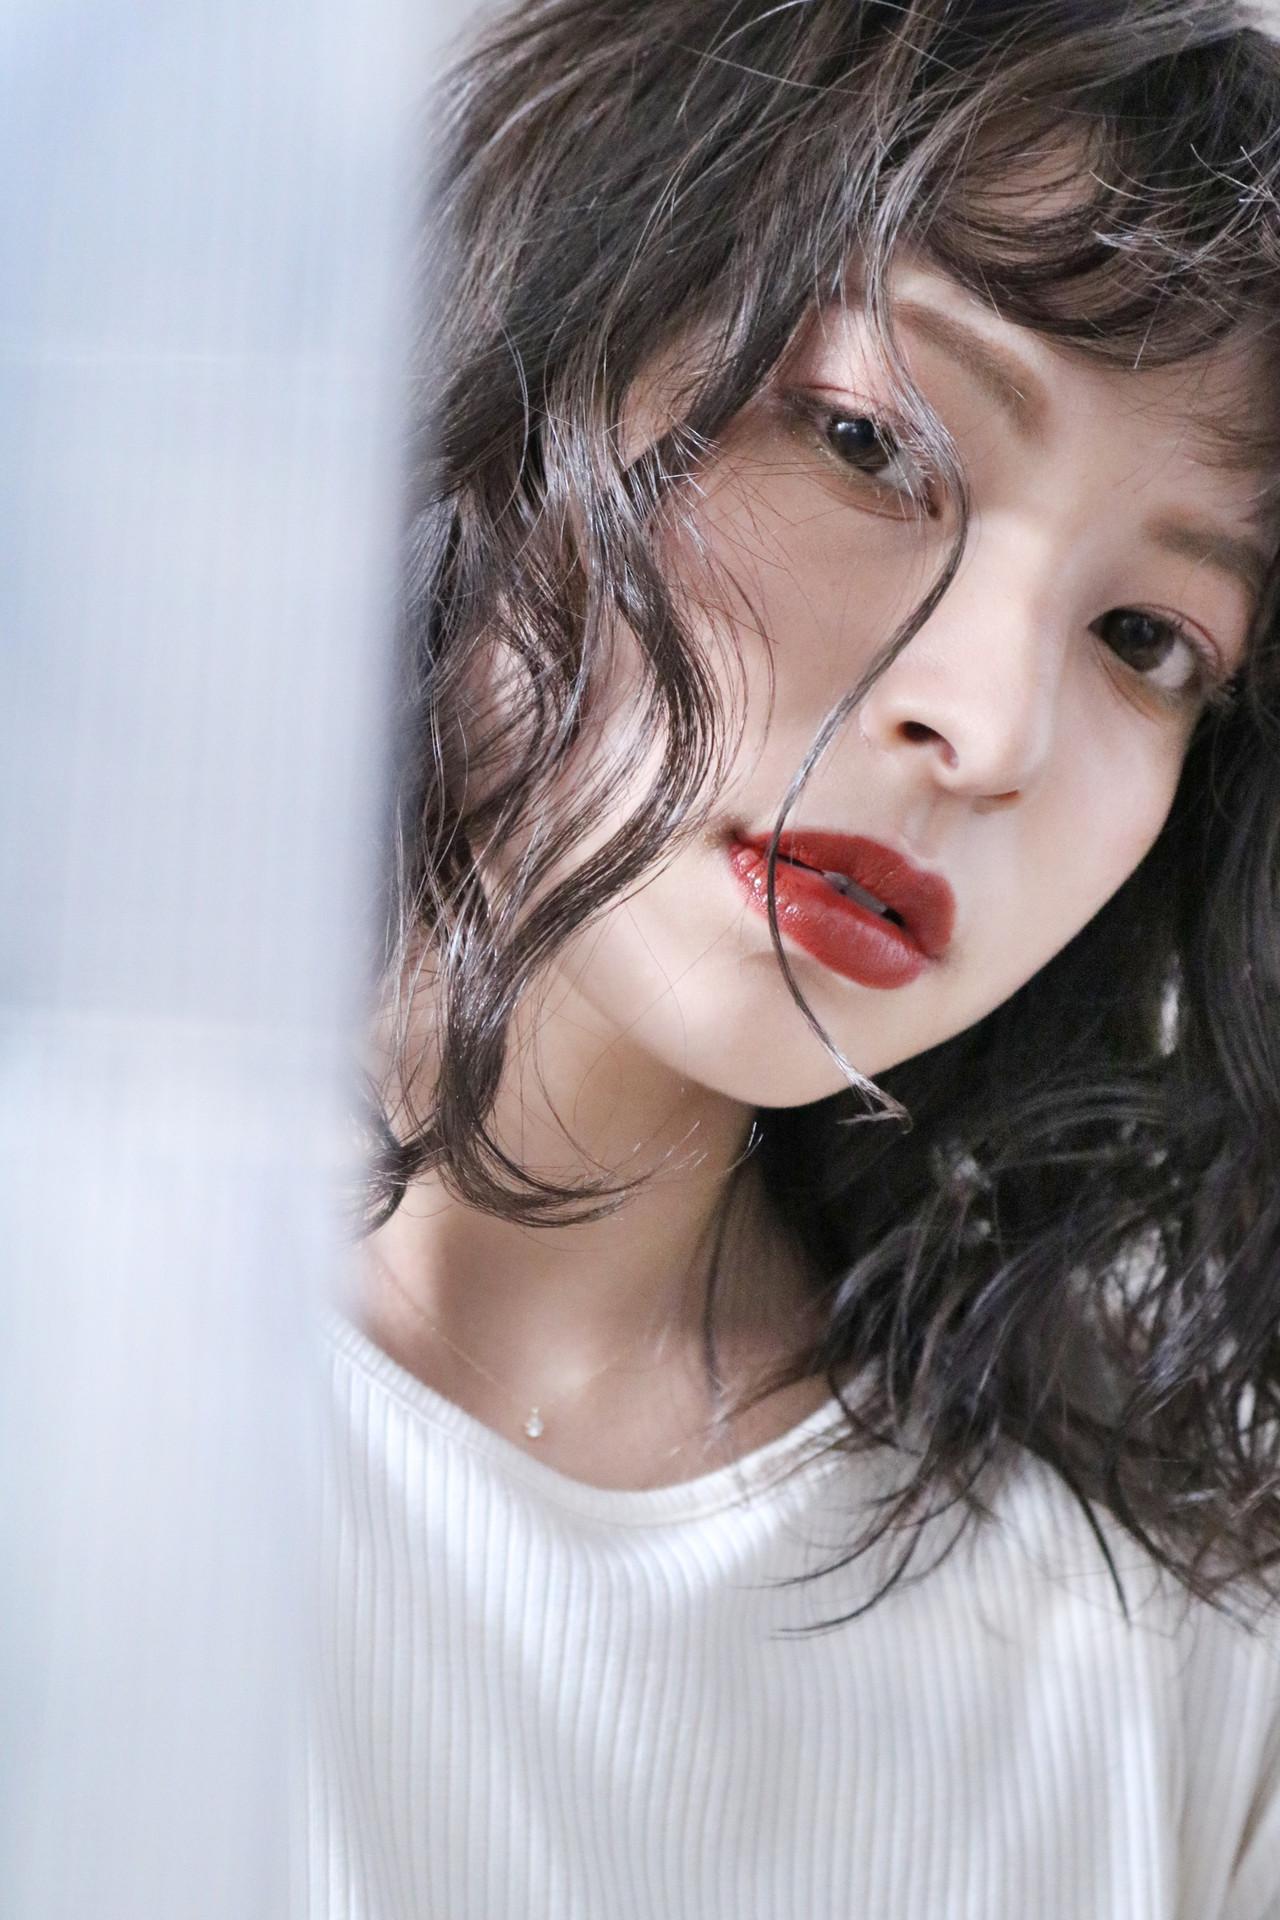 グレージュ ミルクティーベージュ ミディアム ミルクティーグレージュ ヘアスタイルや髪型の写真・画像 | 上田智久 / ooit 福岡 天神 / ooit